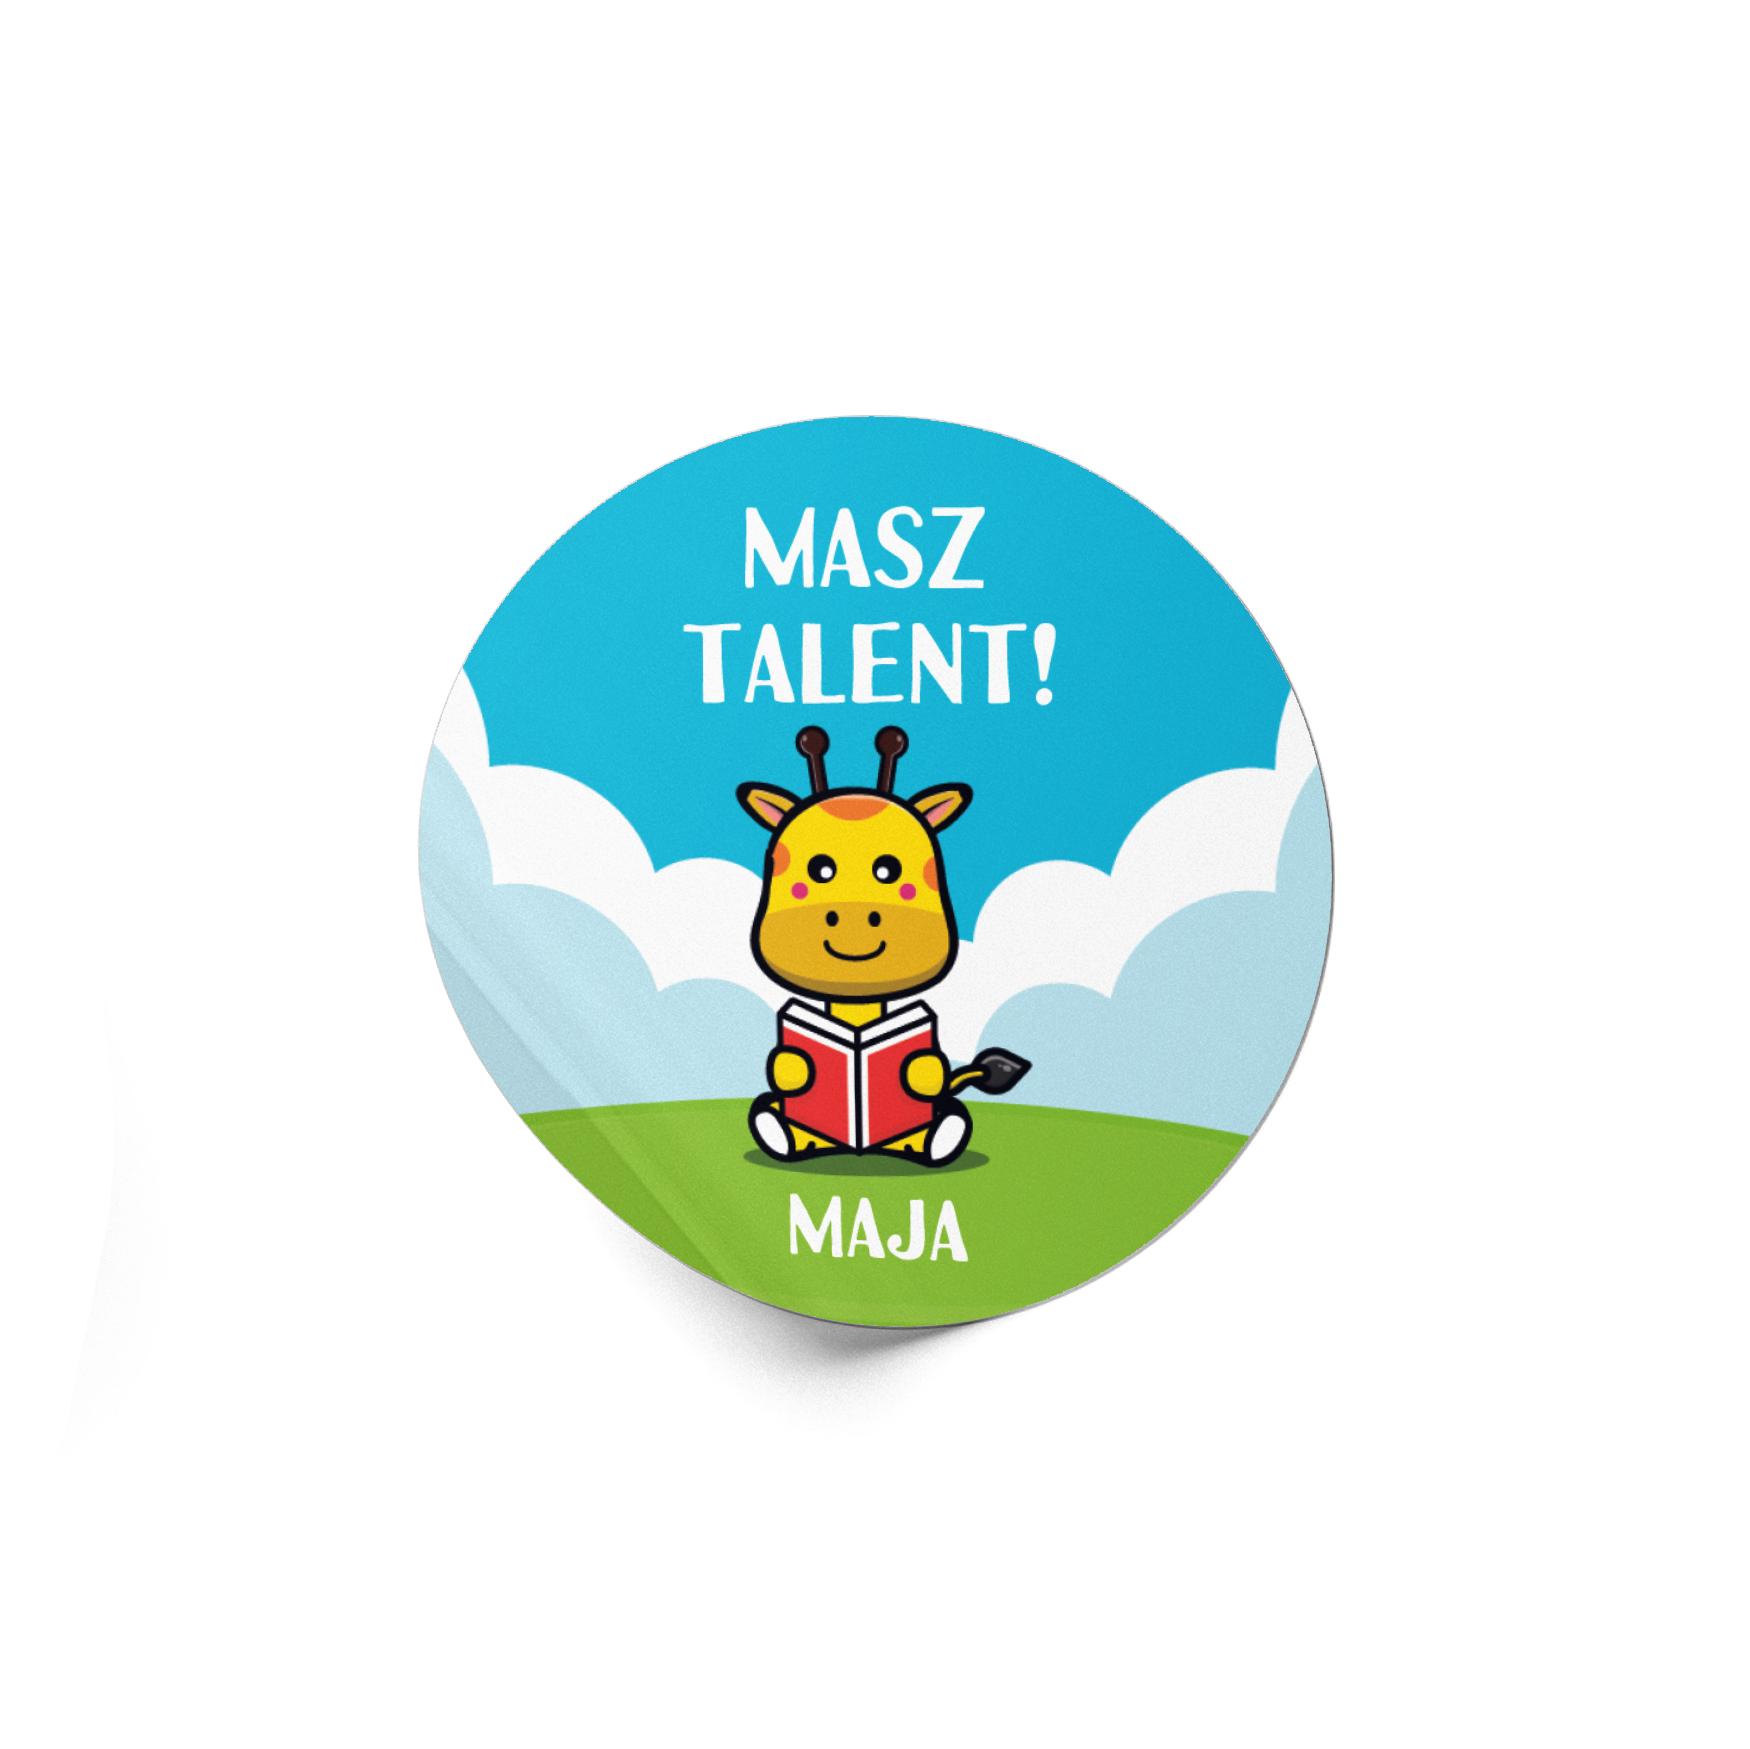 Naklejki motywacyjne dla dzieci szkolne naklejki z imieniem dziecka masz talent żyrafa